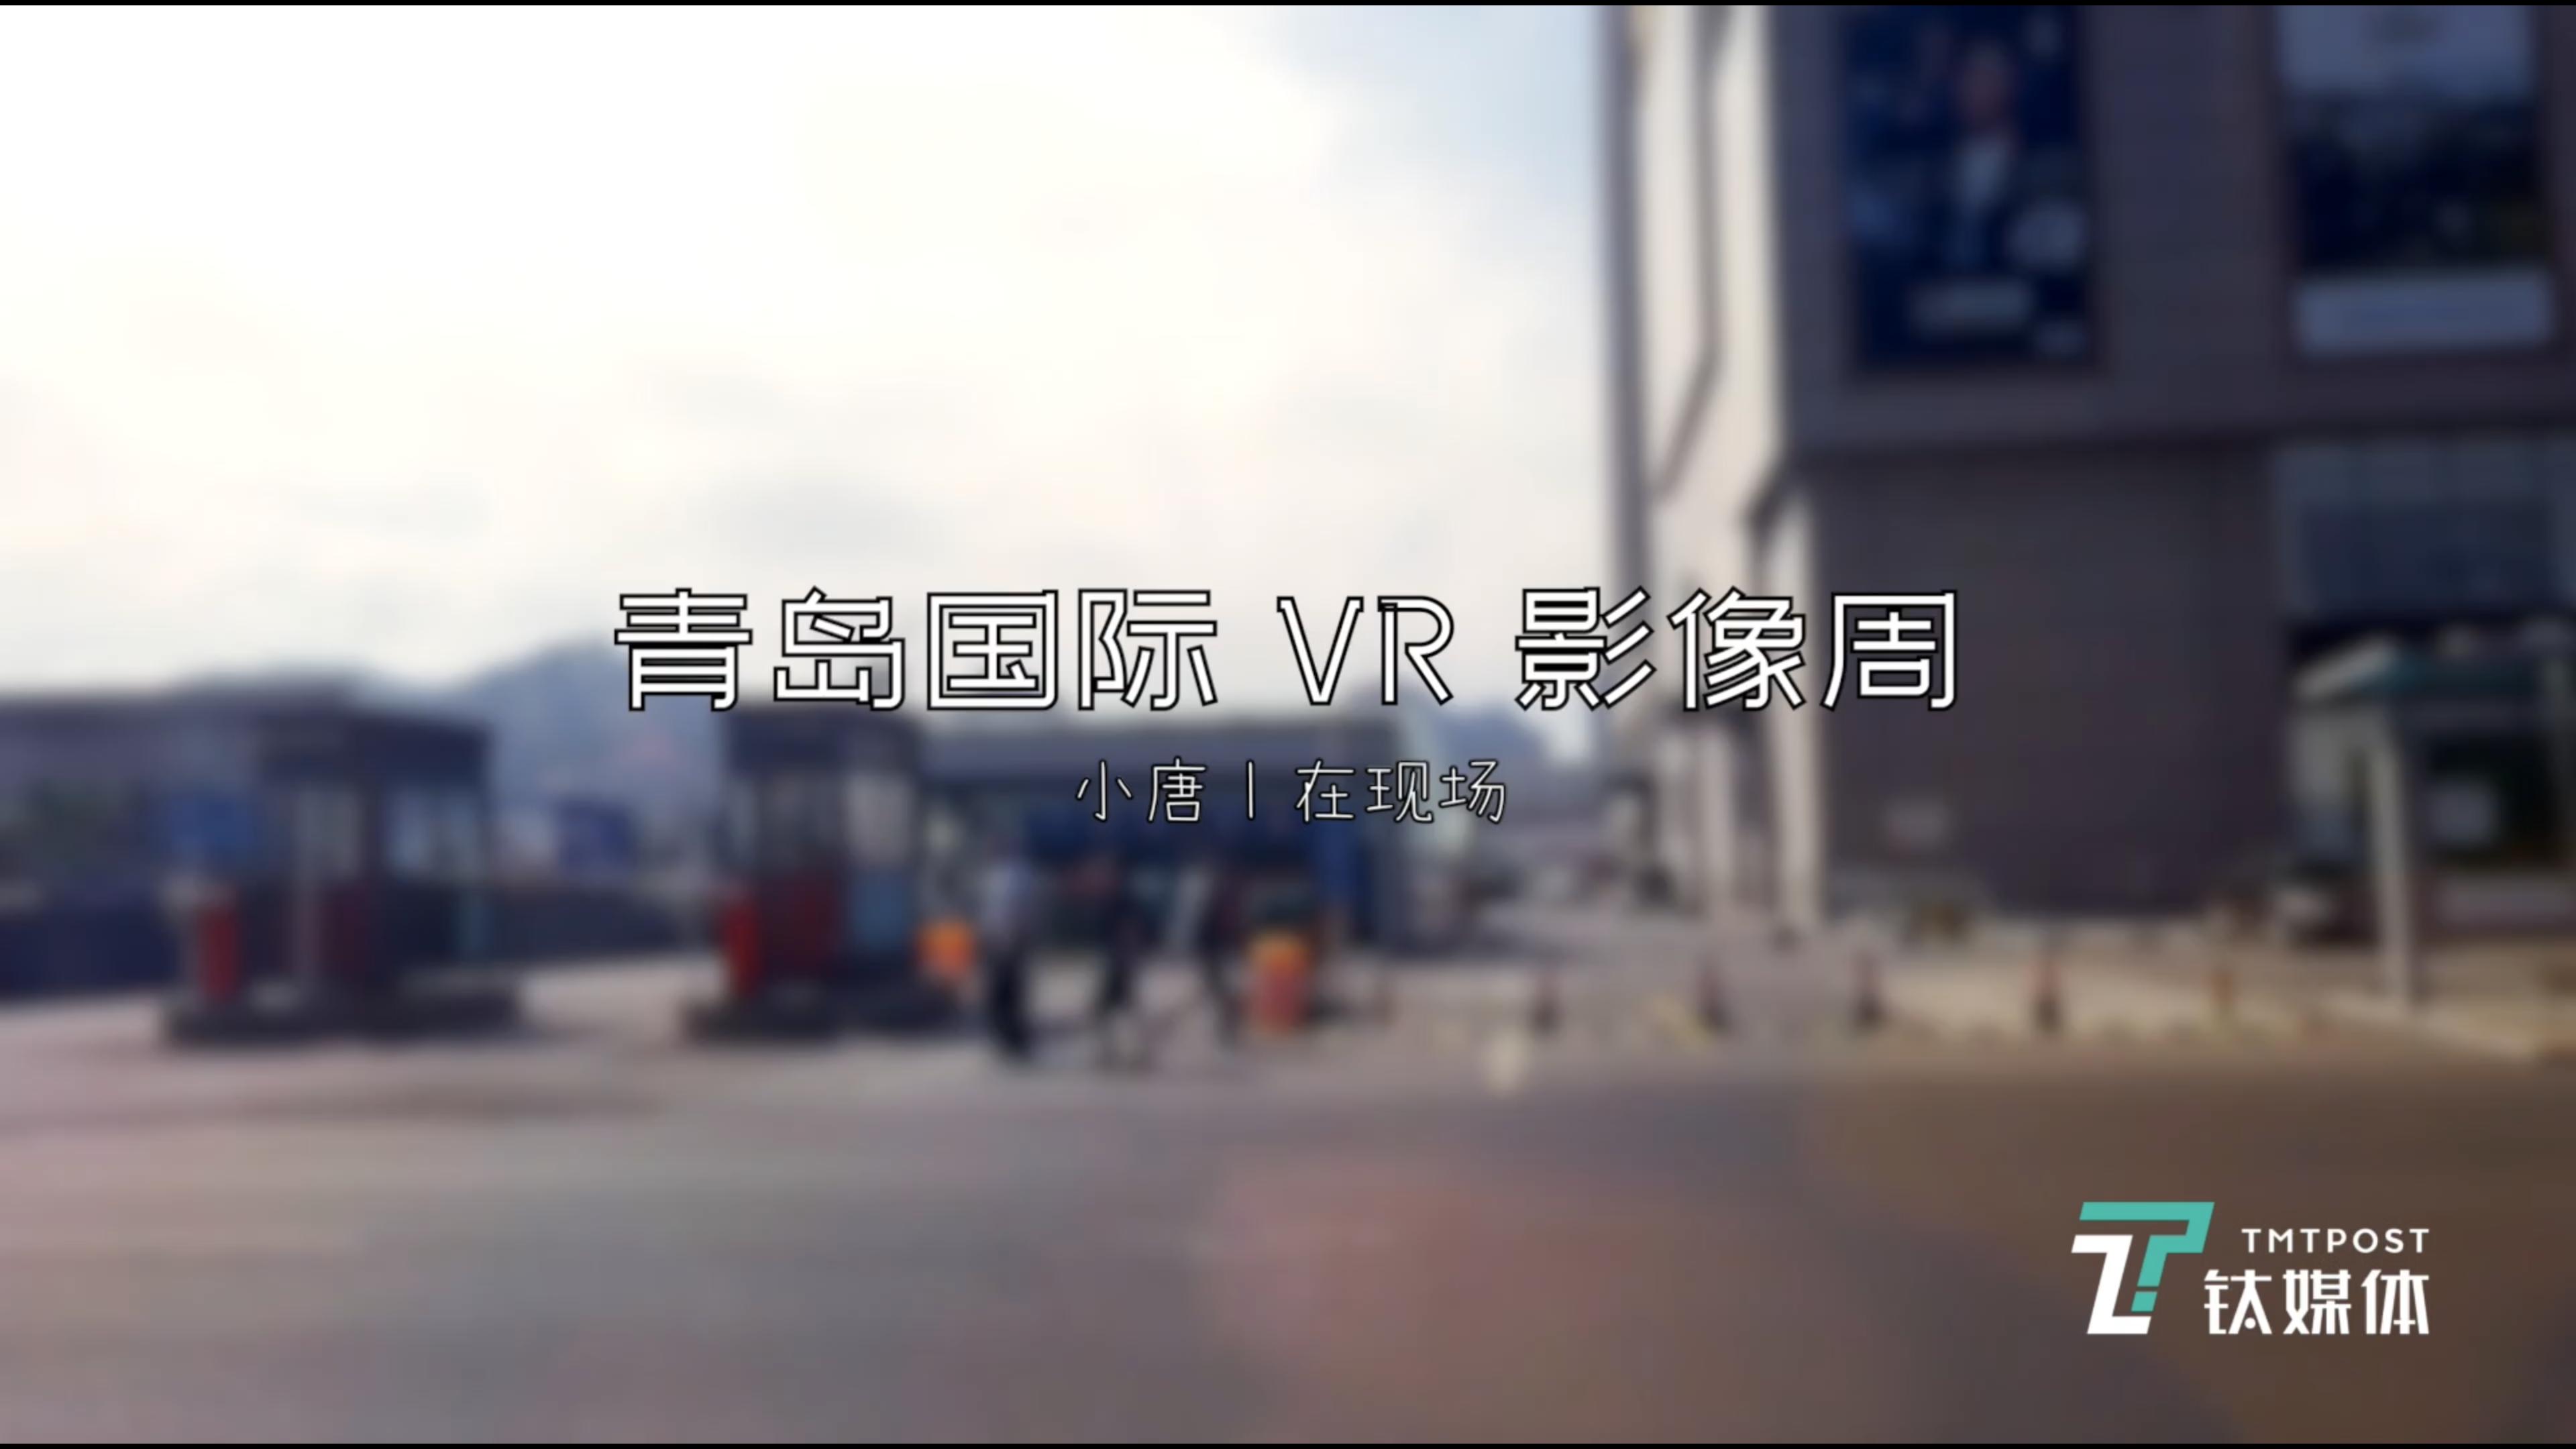 VR影展和其他影展有啥差别?在青岛 SIF 2019 逛一圈就知道啦!